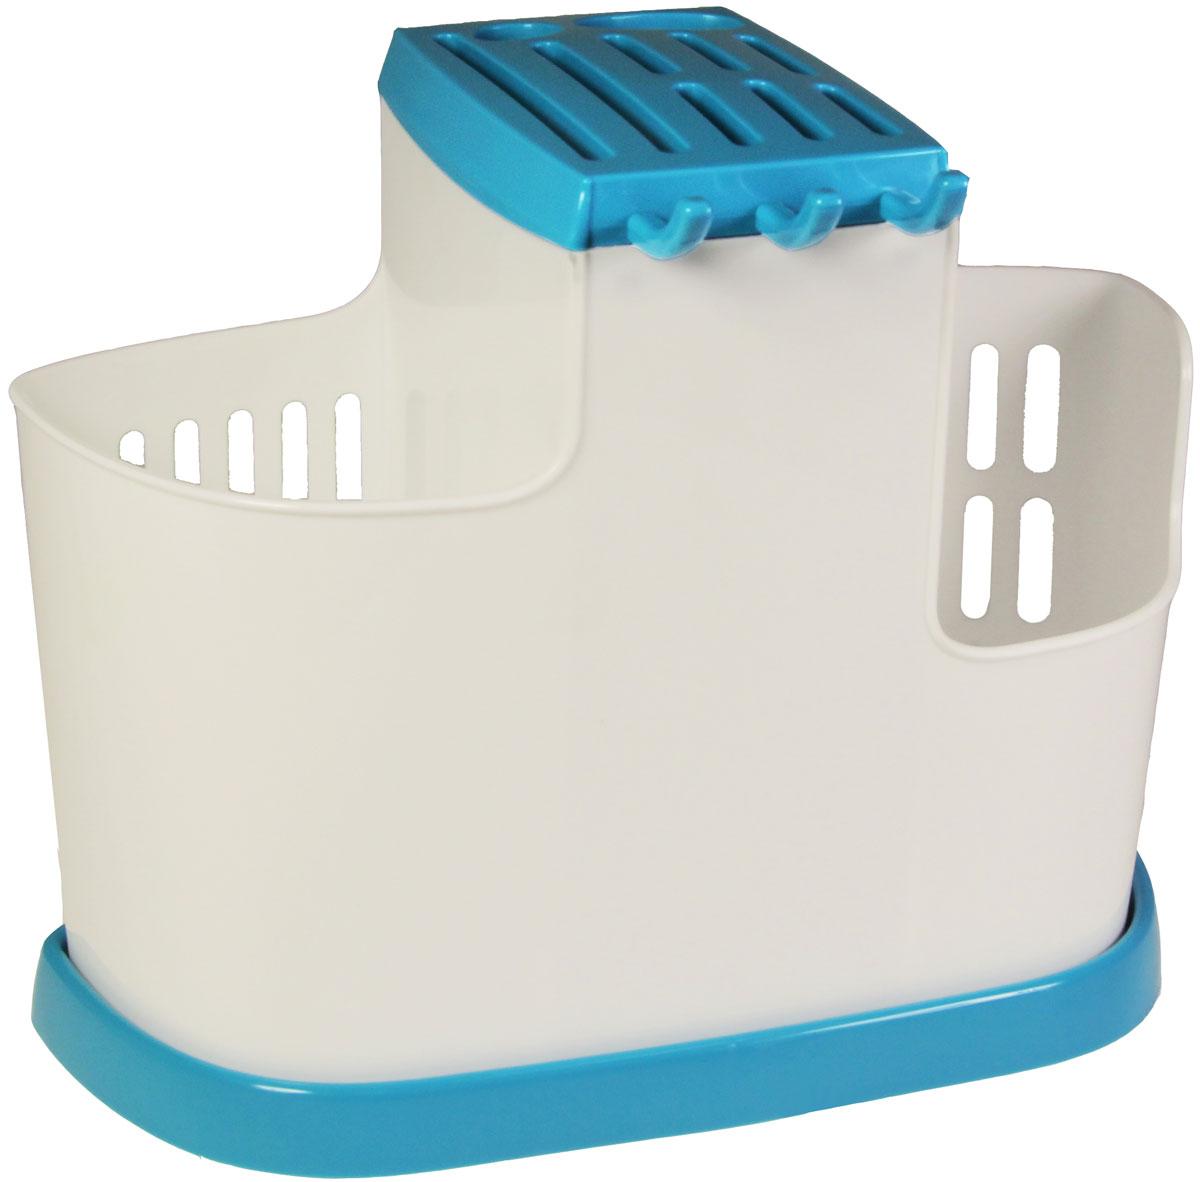 Органайзер кухонный Idea, цвет: бирюзовый, 19 х 25 х 14,5 смМ 1178Кухонный органайзер Idea позволит вам при помощи трех секций сушить или хранить столовые приборы, а при помощи специального поддона обеспечивается сток воды.Размер: 19 х 25 х 14,5 см